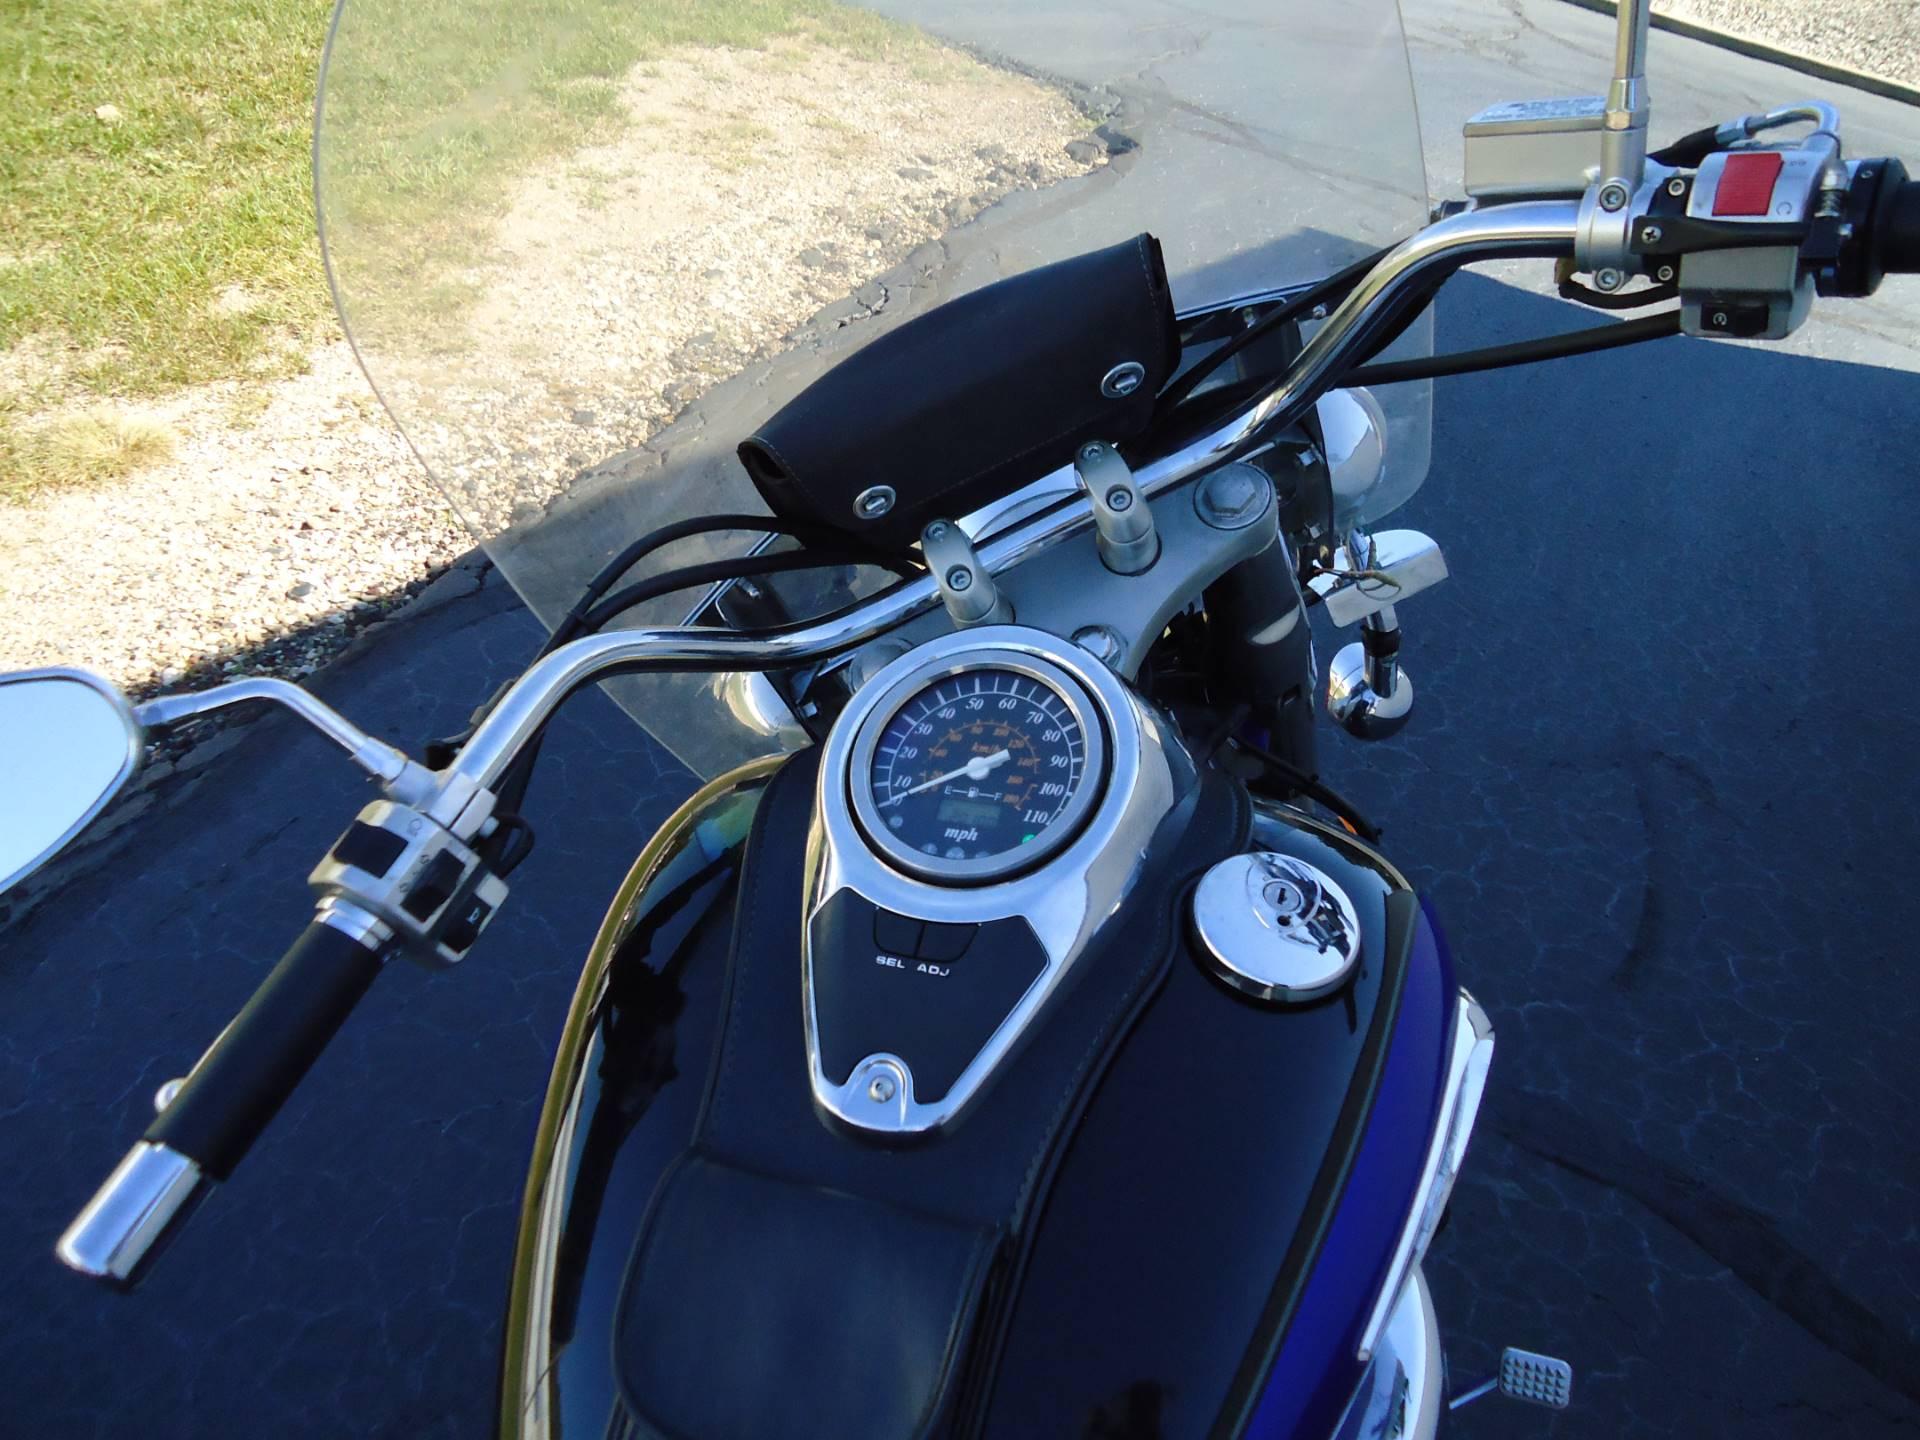 2002 Suzuki Intruder 800 6